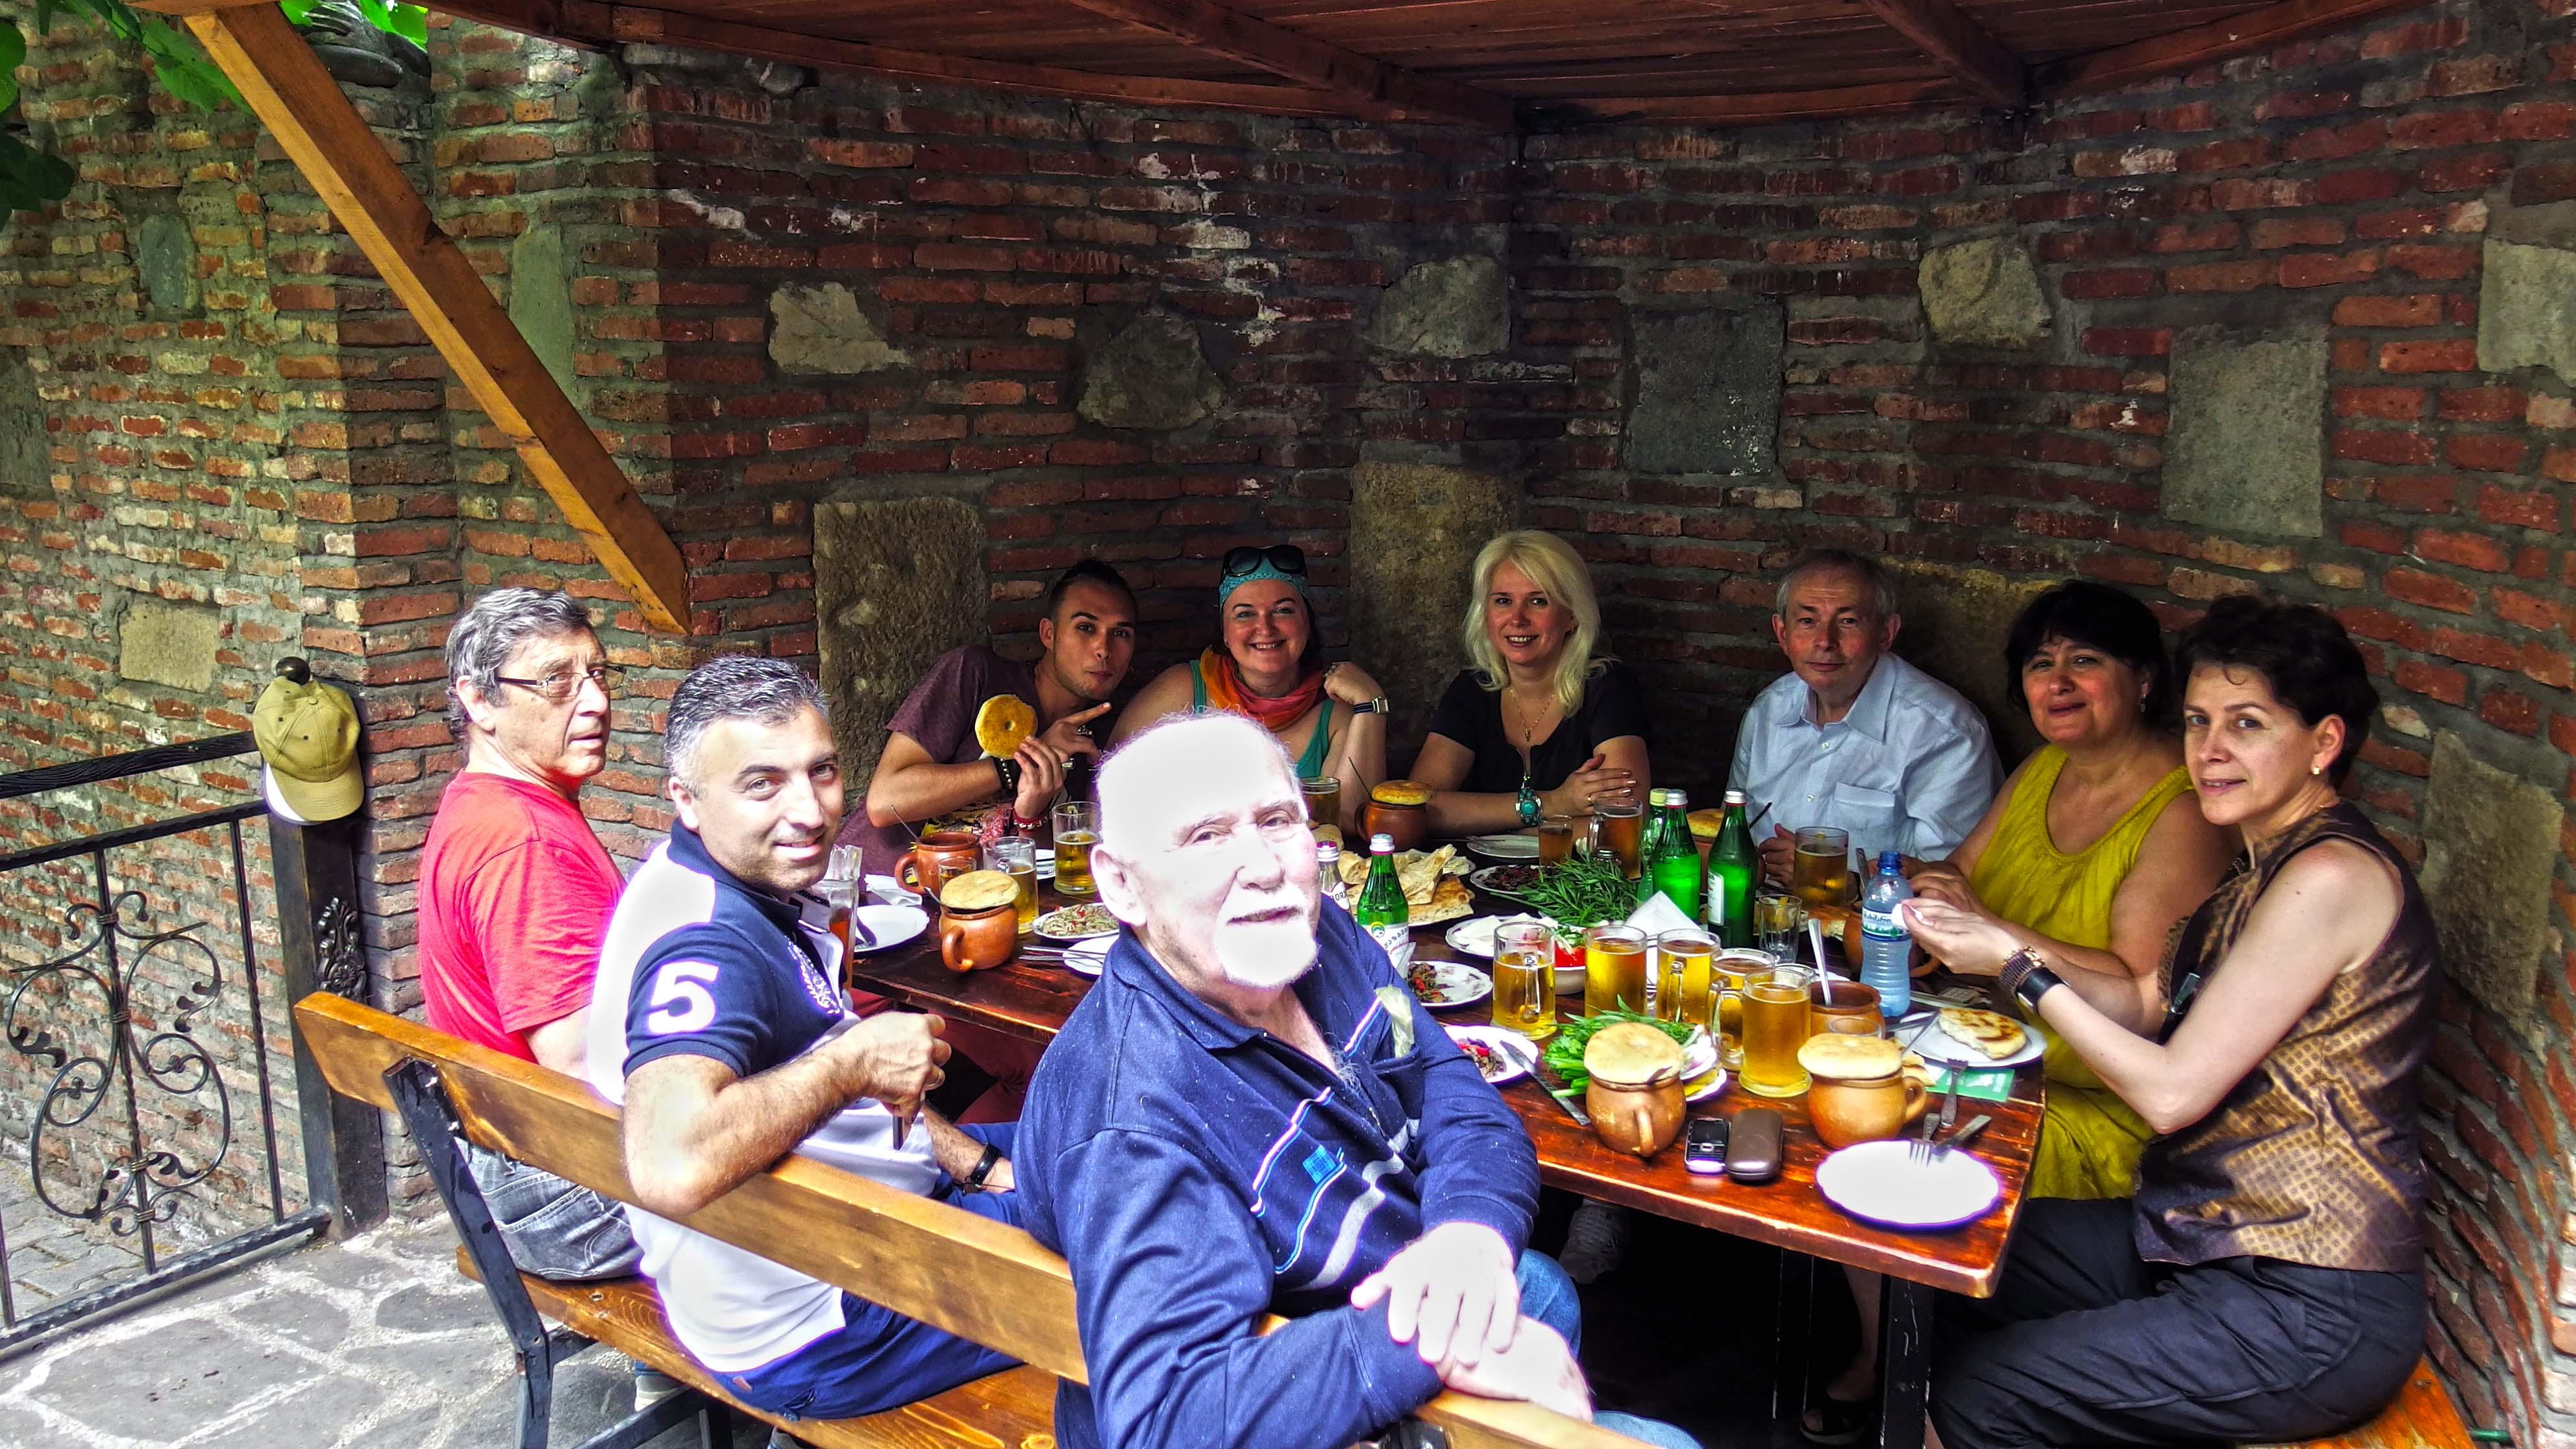 За день до презентации, 18 июня для членов делегации была проведена пешая экскурсия по памятным местам/достопримечательностям Тбилиси, а 20-го – исключительная гостеприимность хозяев – прежде всего, сопредседателя Союза Писателей Грузии Маквалы Гонашвили – позволила гостям посетить город Мцхета, подняться к храму Джвари, полюбоваться оттуда (навсегда его запомнив) потрясающим пейзажем, а на обратном пути – посетить Светицховели – изумительный памятник церковной архитектуры, кафедральный патриарший храм Грузинской православной церкви. 21 июня участники делегации посетили исключительные по ценности храмы Кахетии (Греми, церковь Бодбе, и др.).